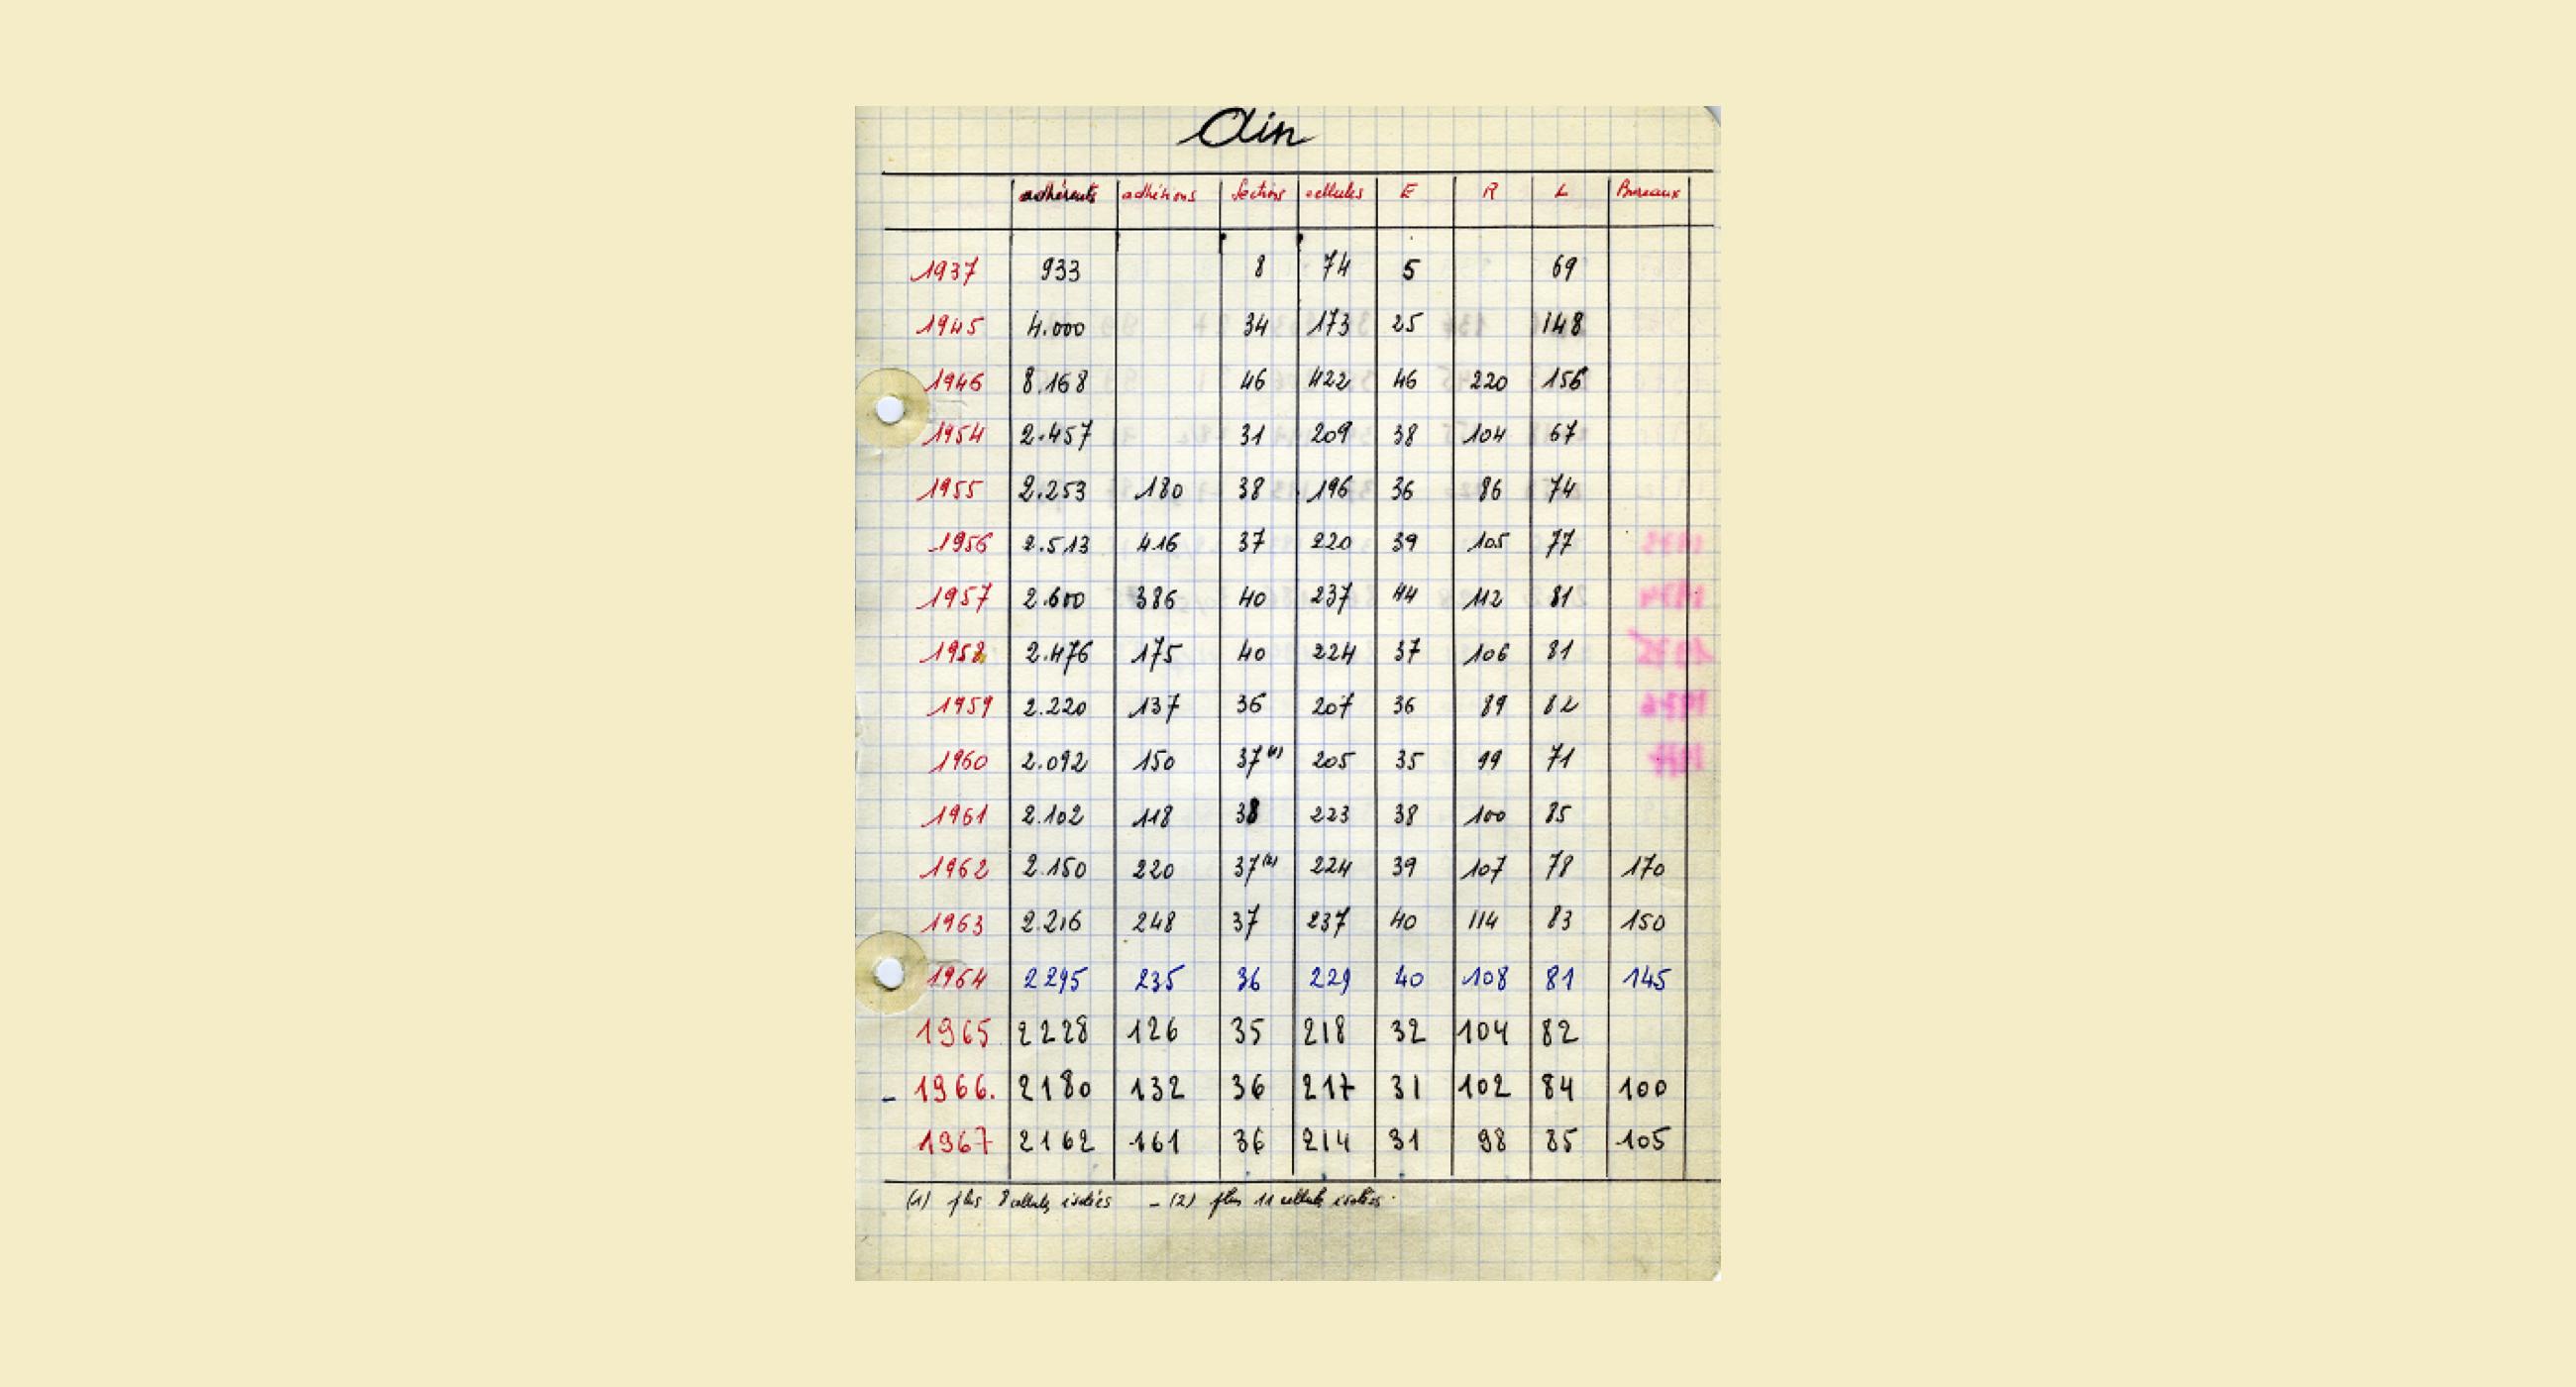 Les effectifs du PCF de 1920 à 2009: tableaux et cartes